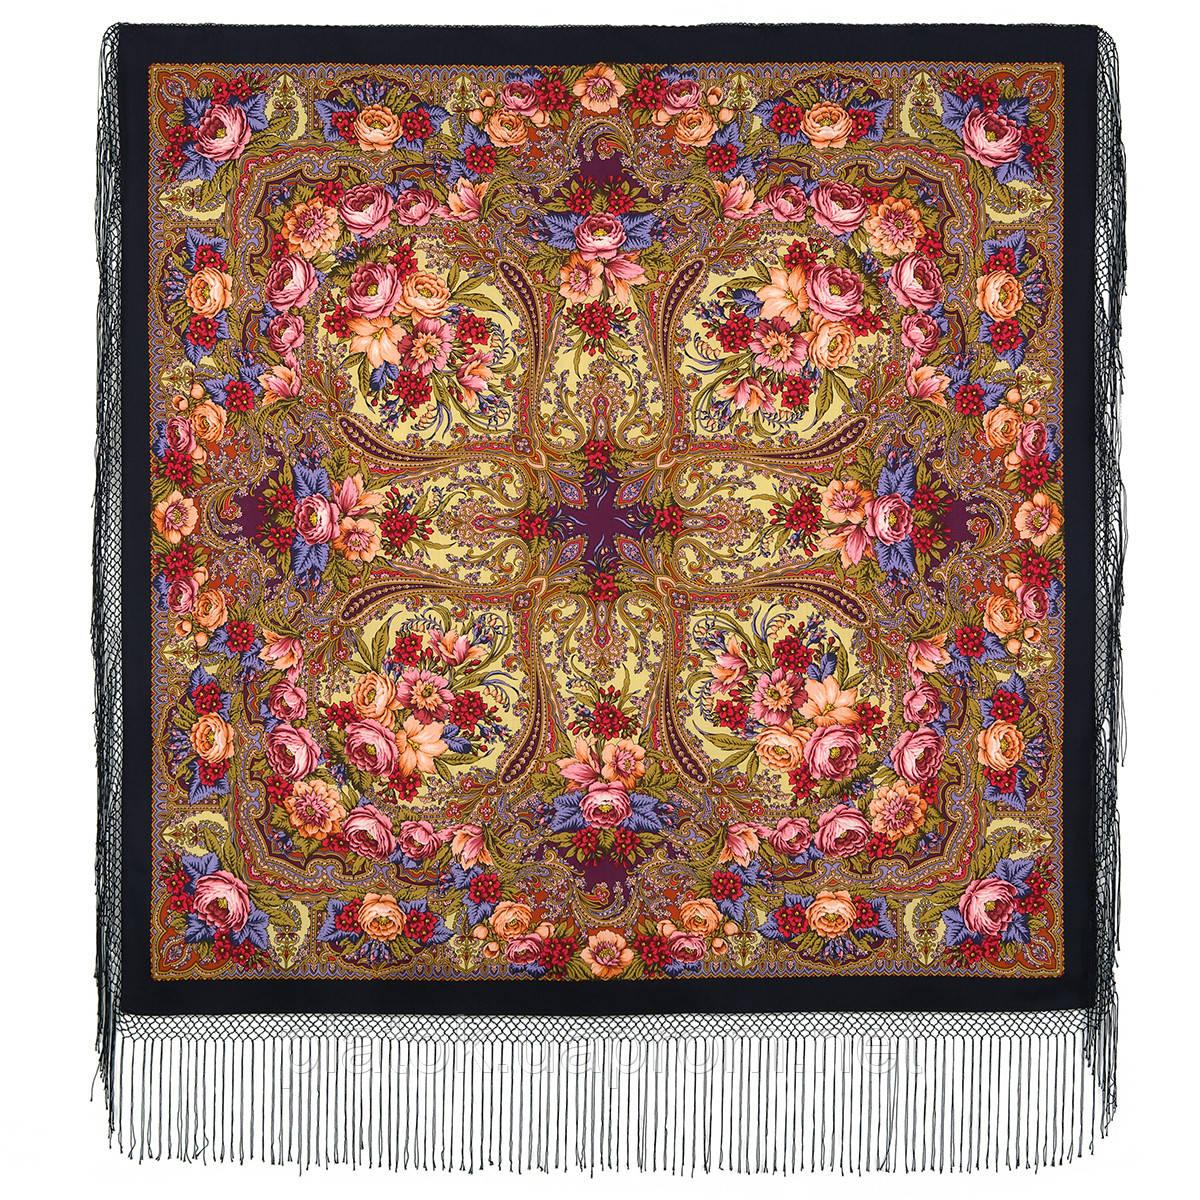 Счастливица 1122-16, павлопосадский платок (шаль) из уплотненной шерсти с шелковой вязанной бахромой